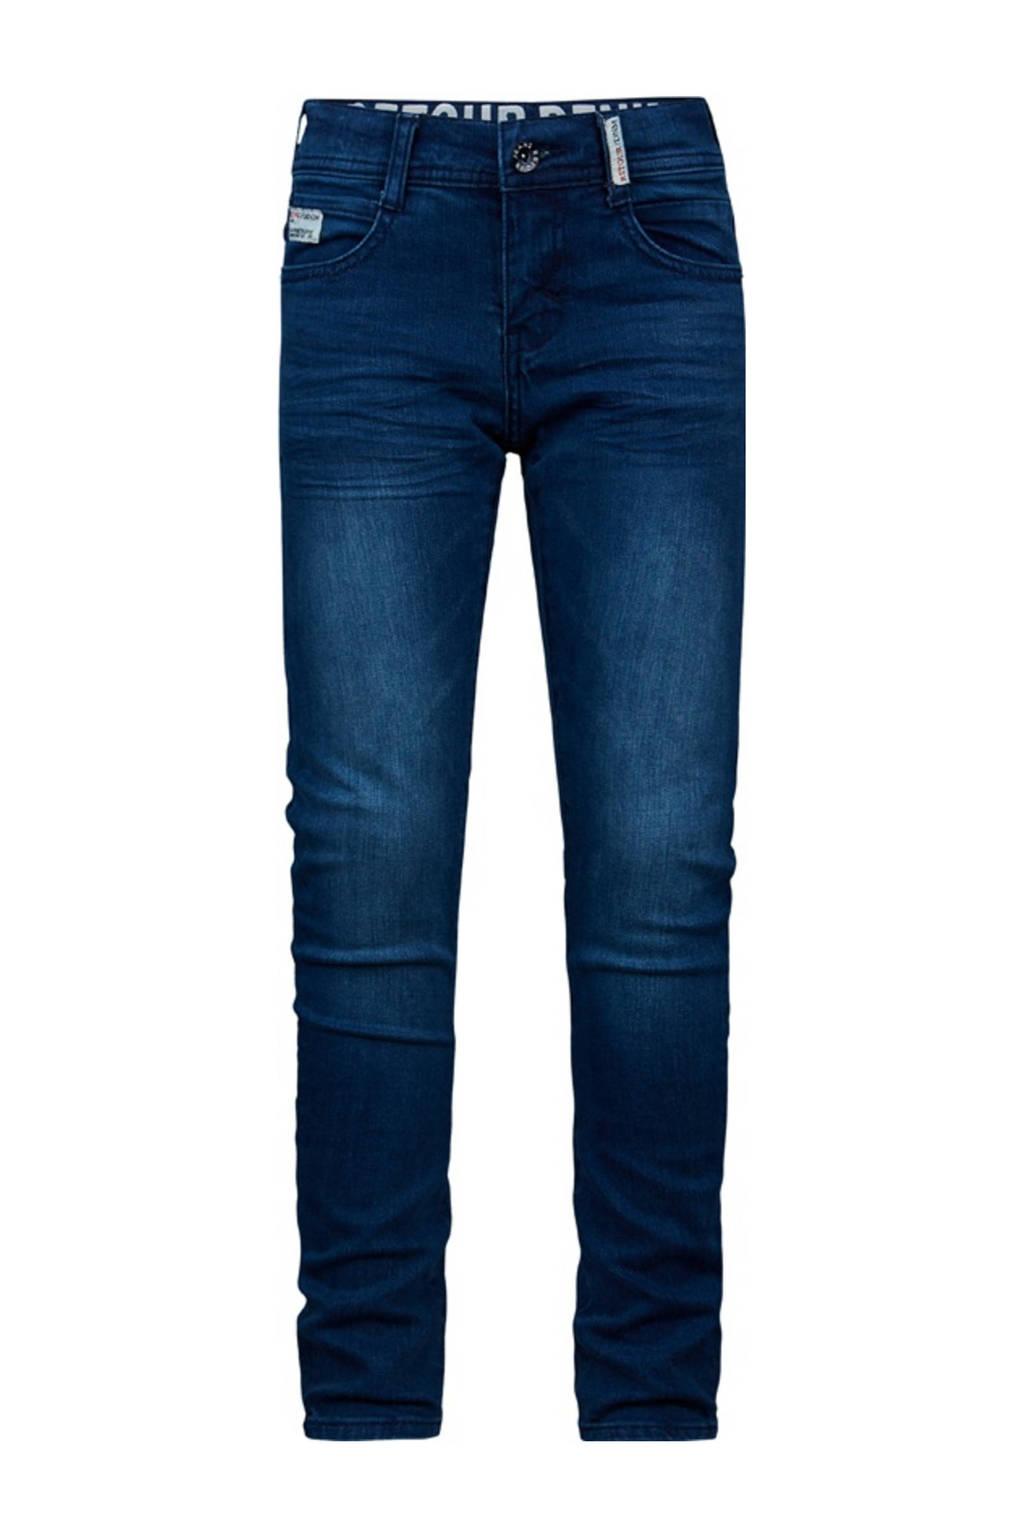 Retour Denim slim fit jeans Rover vintage blue denim, Vintage blue denim